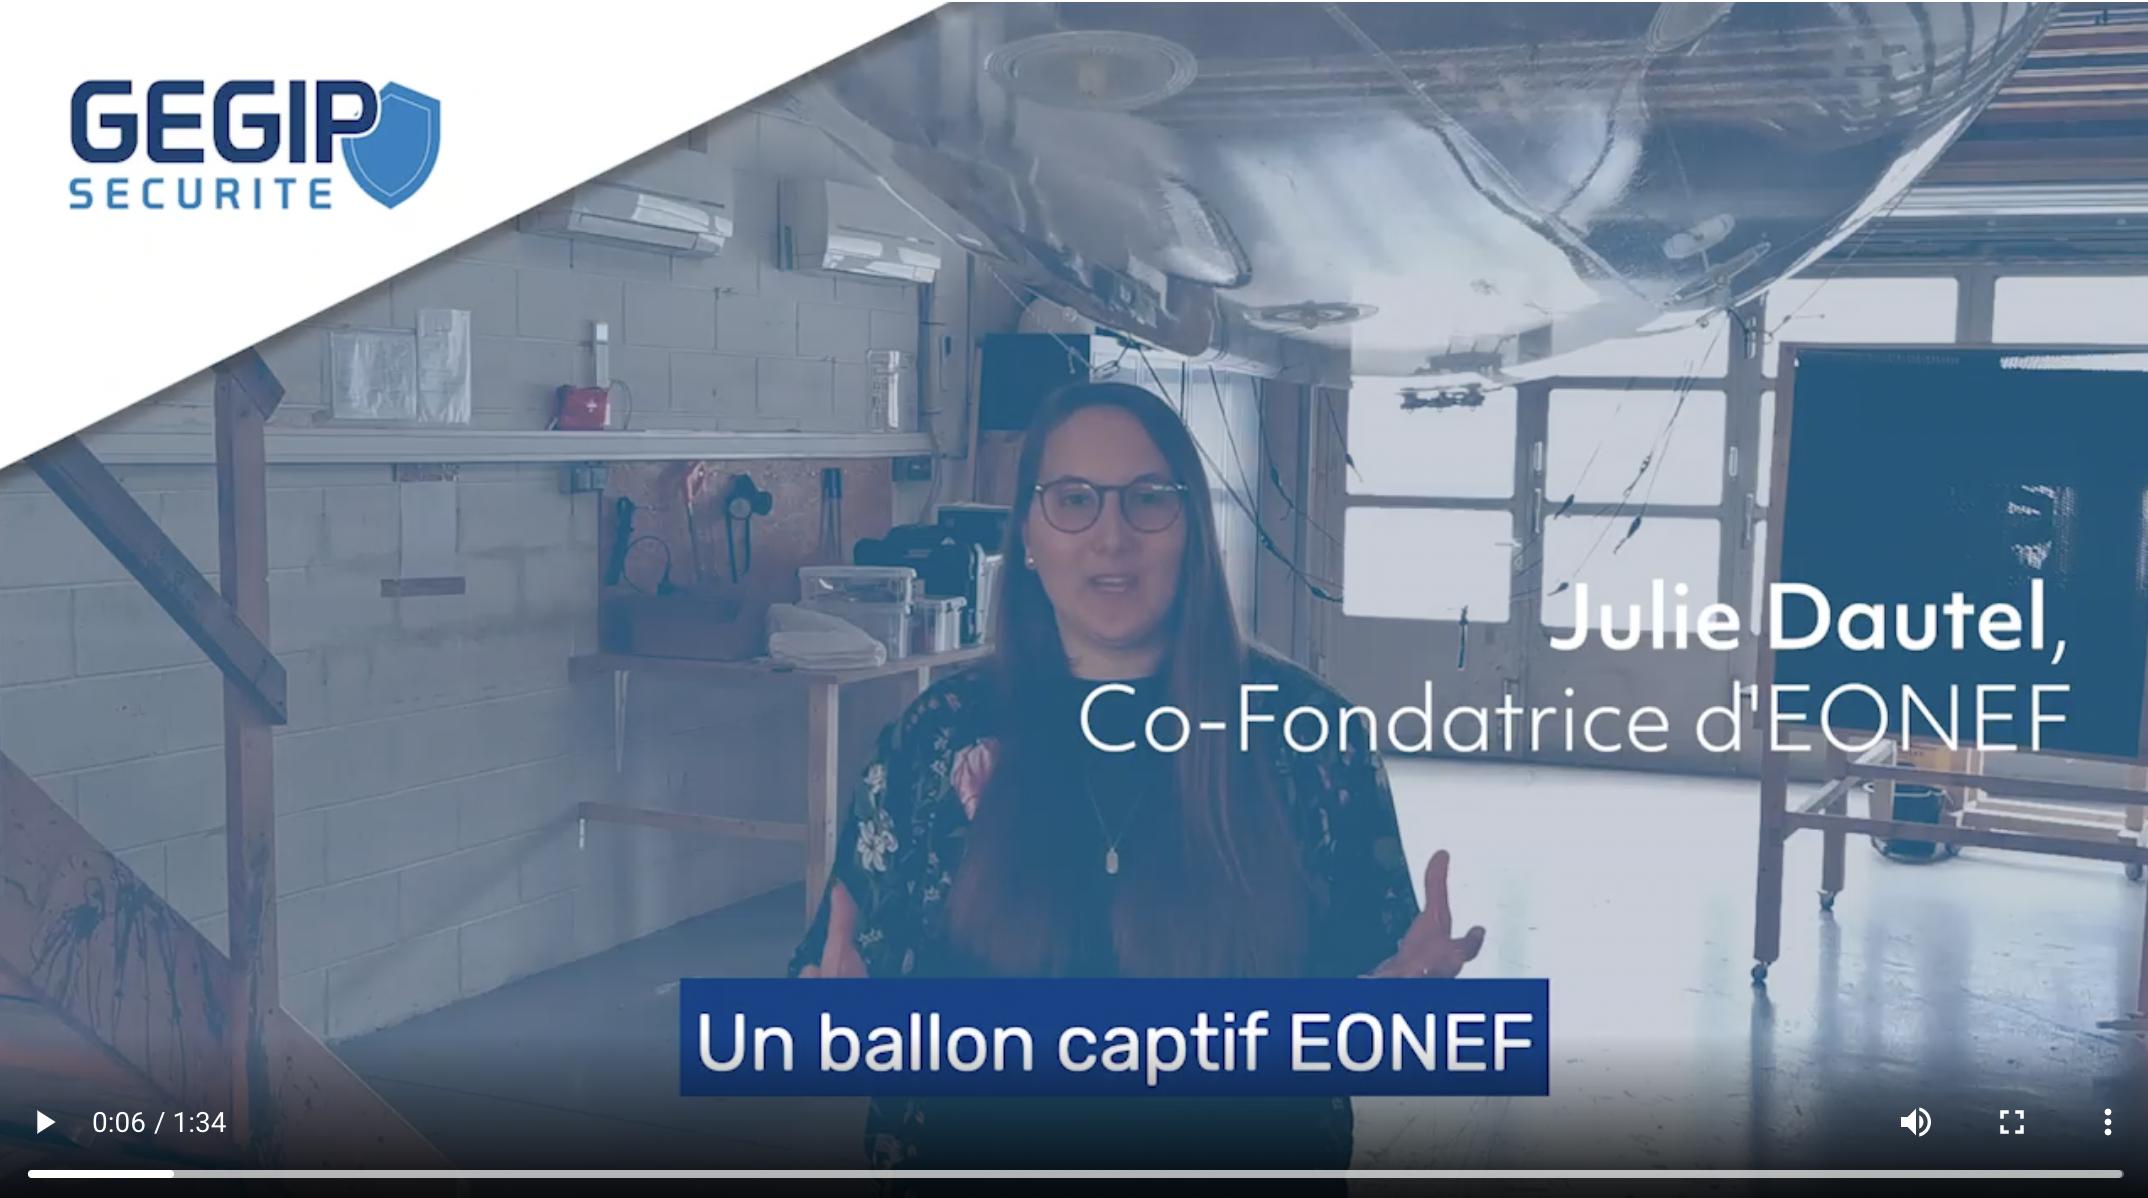 Julie Dautel, co-fondatrice d'EONEF présente les avantages du ballon caméra développé par GEGIP